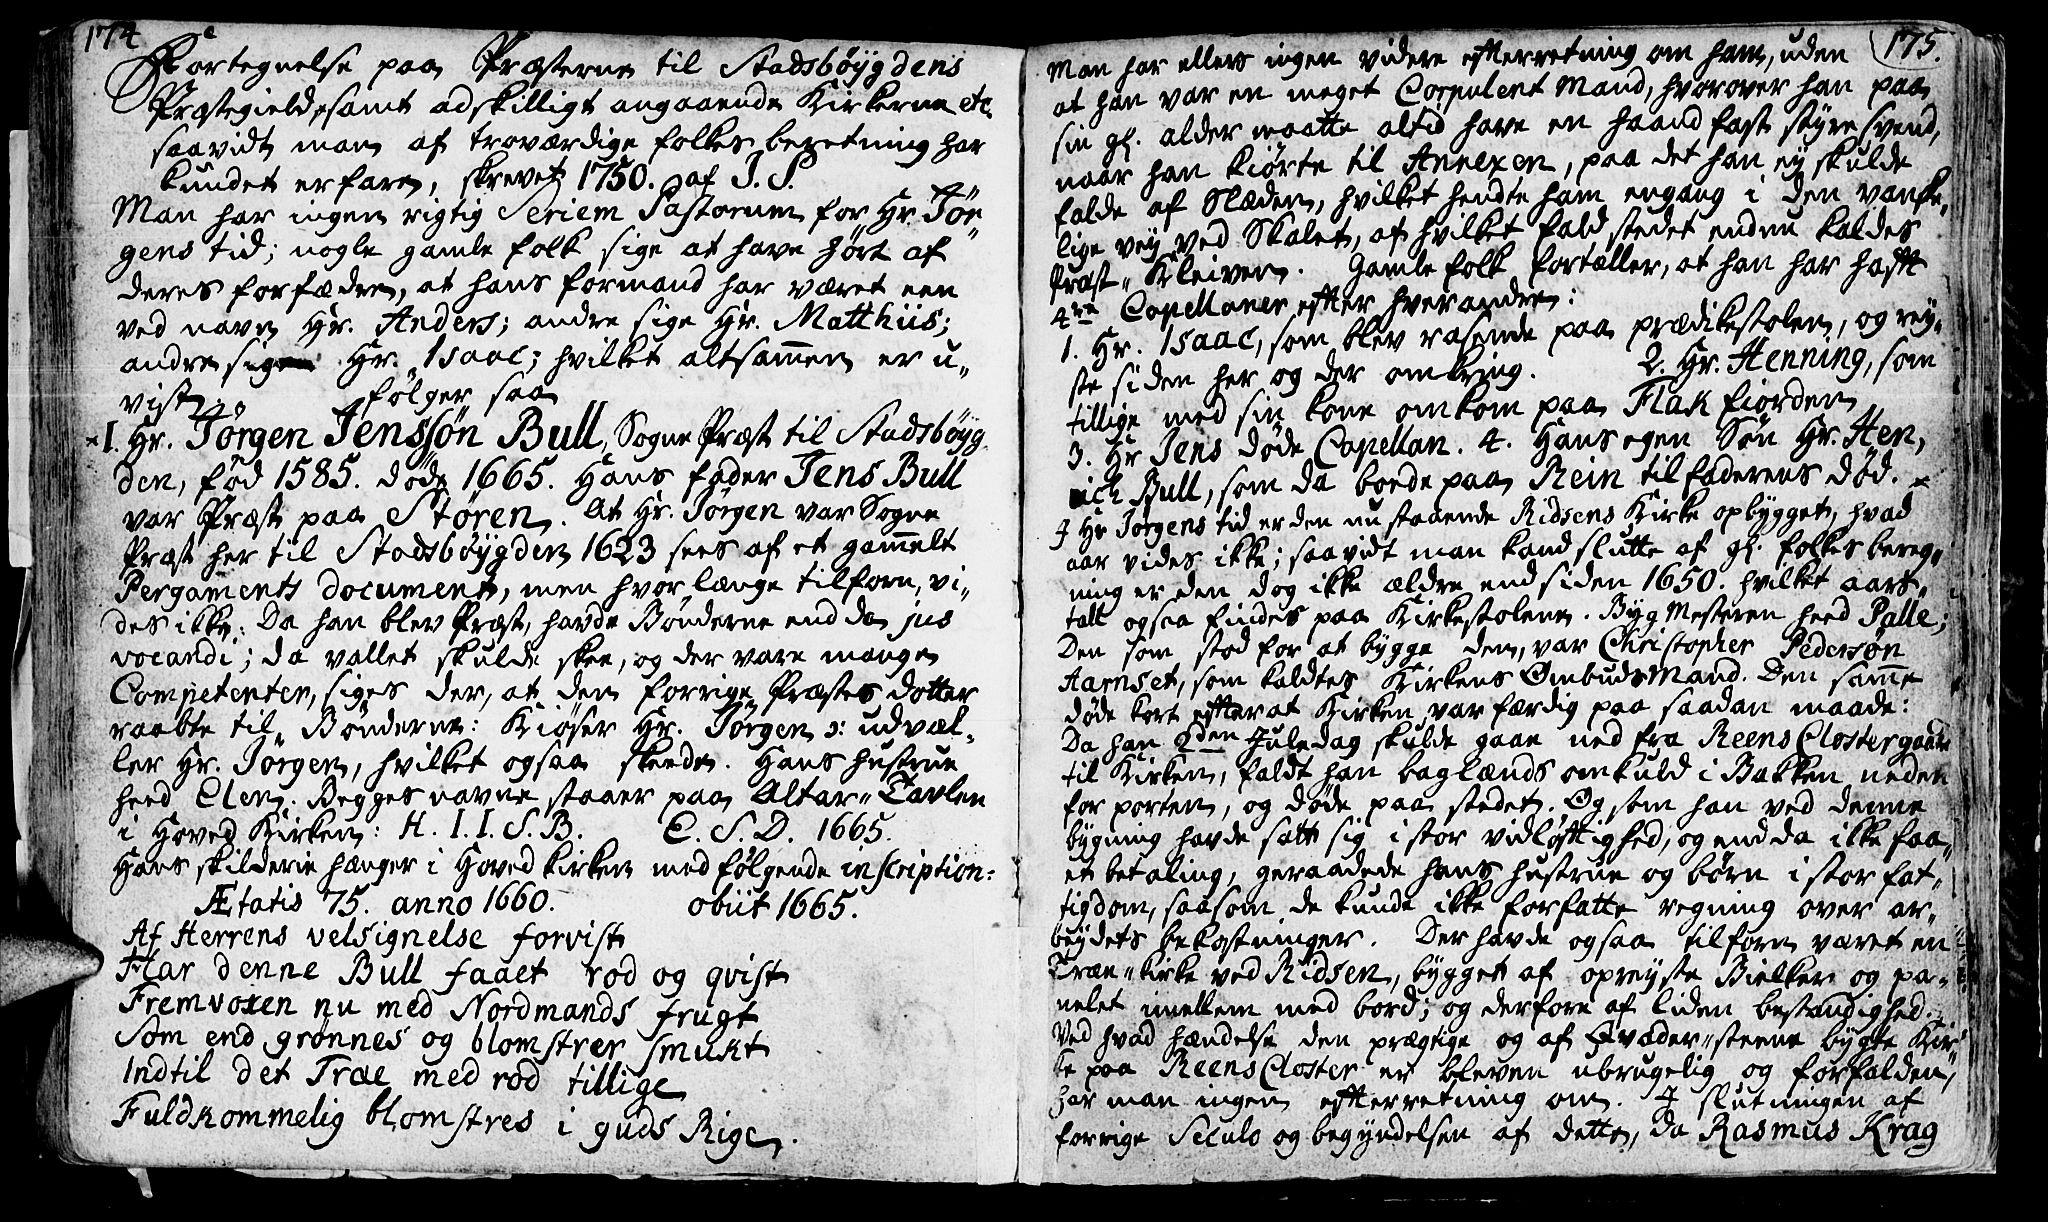 SAT, Ministerialprotokoller, klokkerbøker og fødselsregistre - Sør-Trøndelag, 646/L0604: Ministerialbok nr. 646A02, 1735-1750, s. 174-175